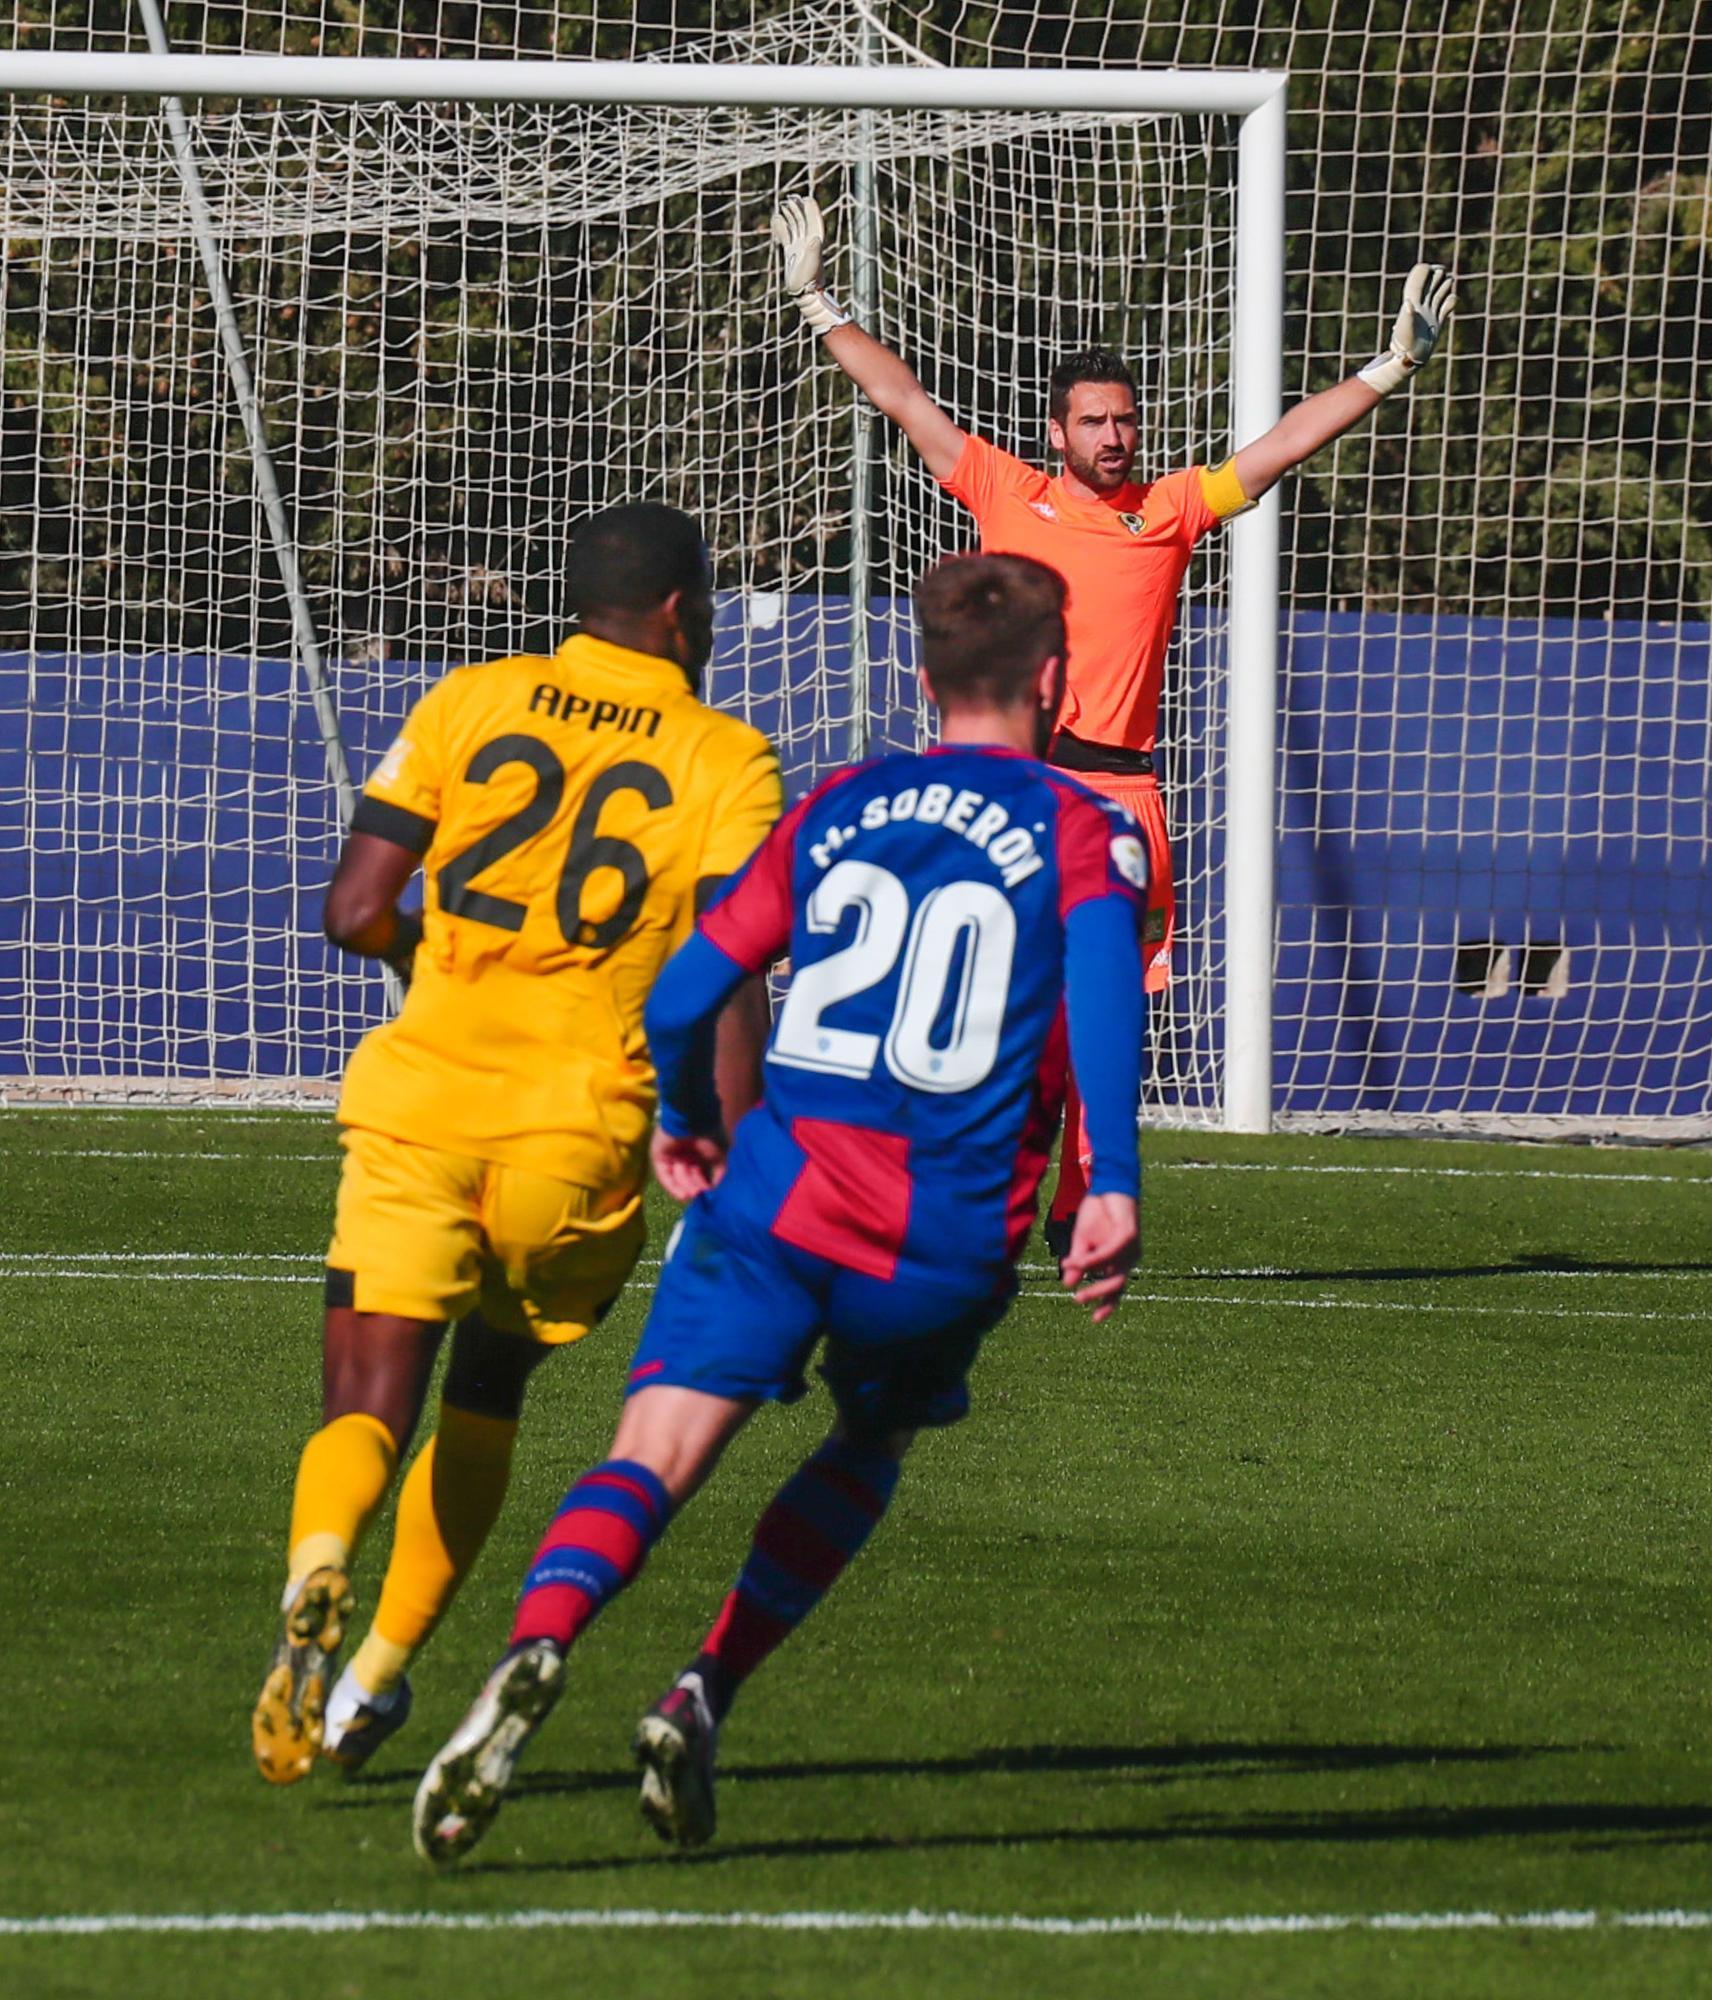 Atlético Levante - Hércules: las imágenes del partido